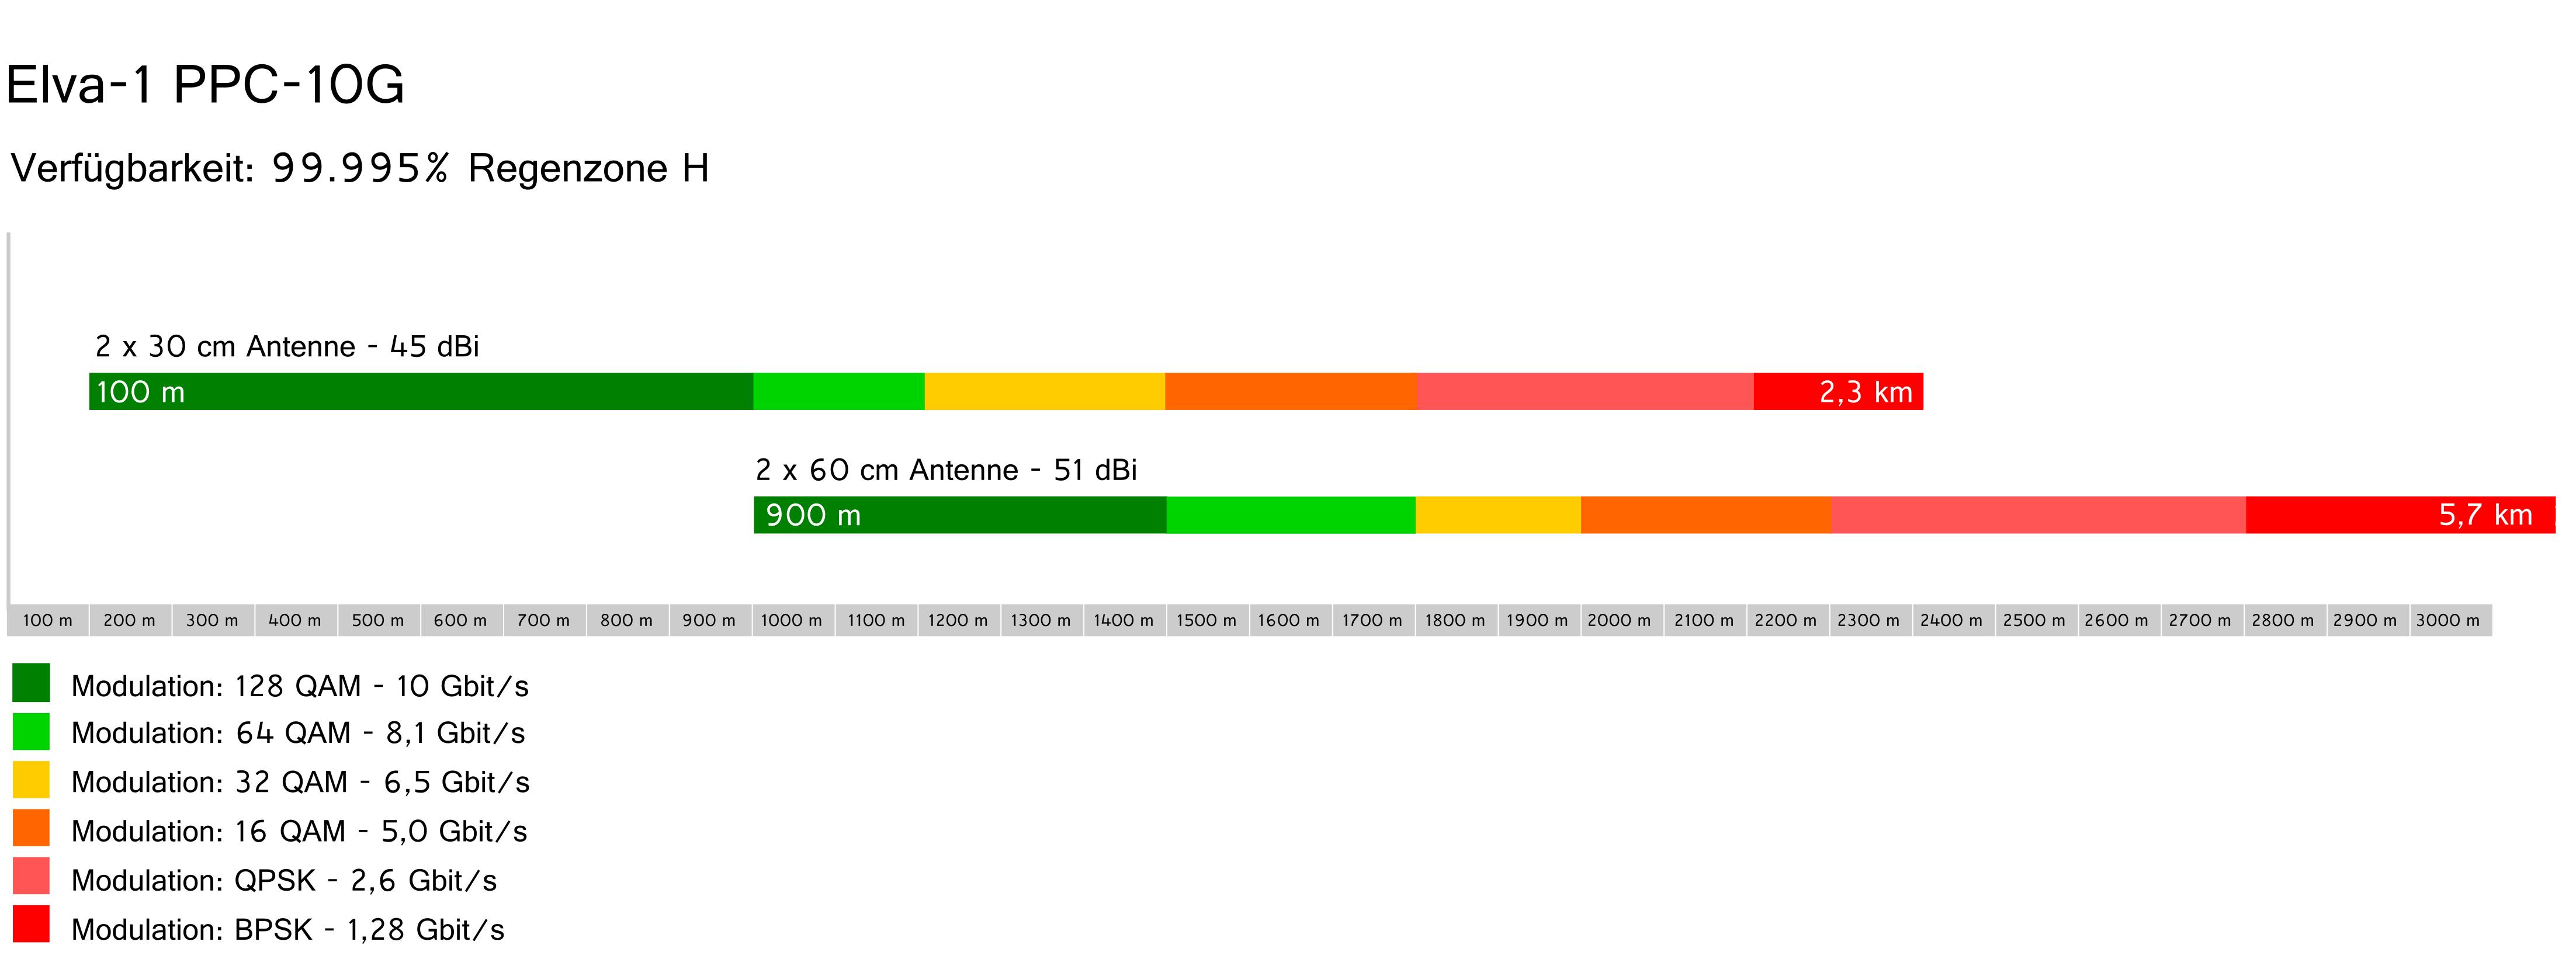 Elva-1 PPC-10G Reichweite